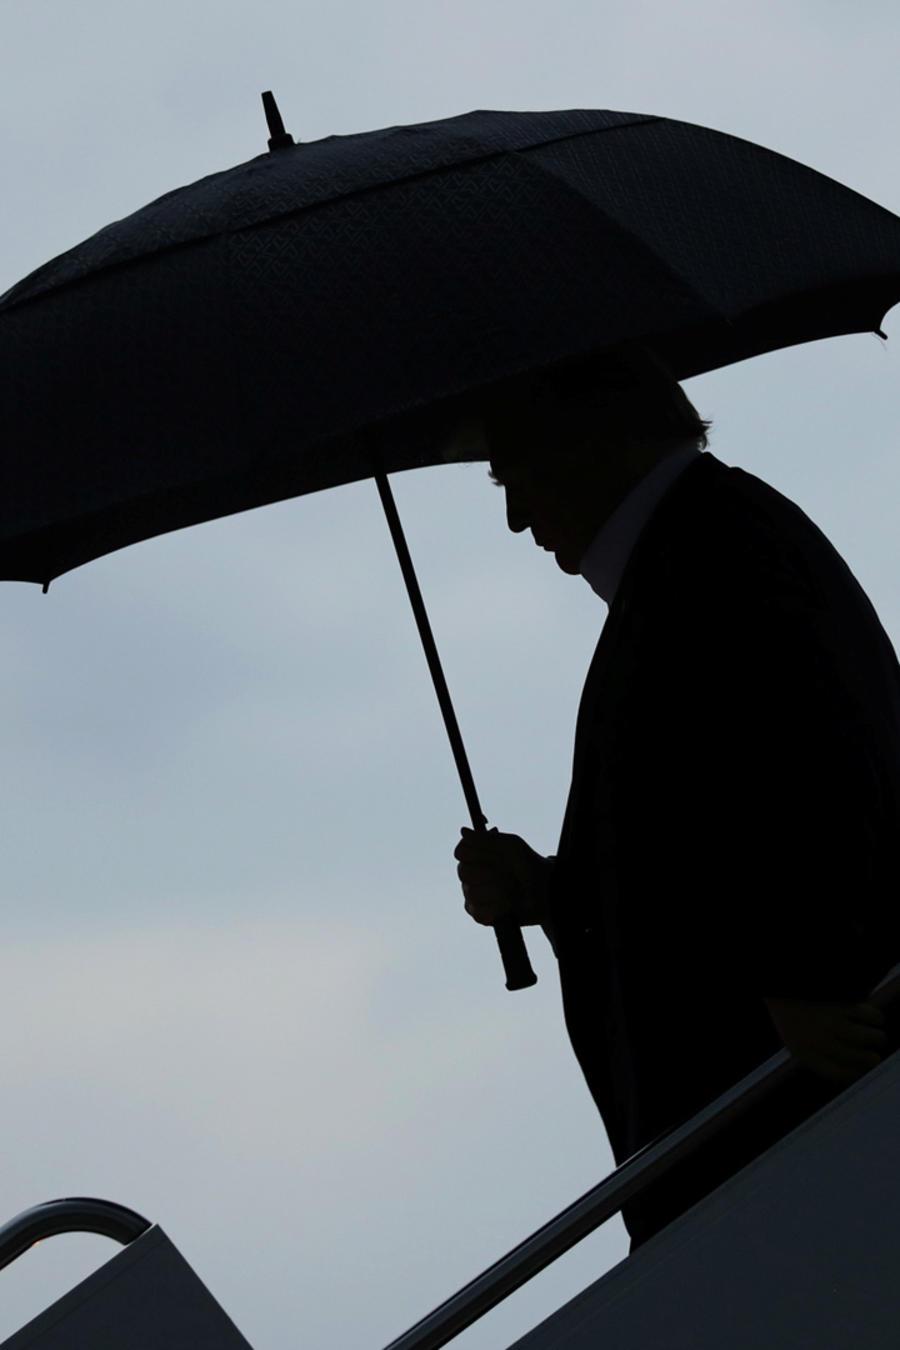 El presidente de EEUU, Donald Trump, desciende del avión presidencial con un paraguas